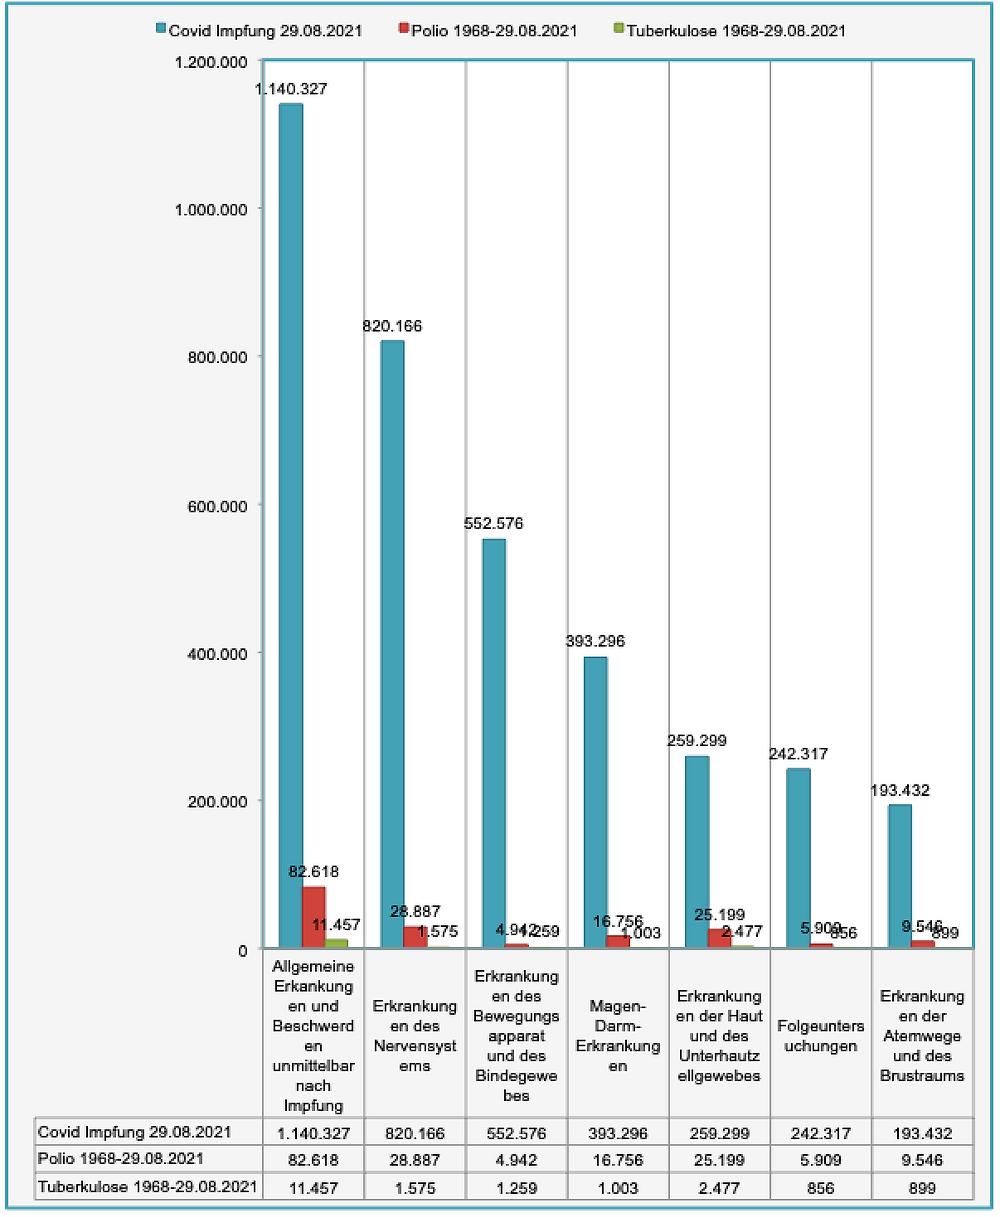 Transparenztest, Daten VigiAccess Vergleich Covid, Polio, TBC V-Nebenwirkungen n. Kat. Teil 1, 29.8.21